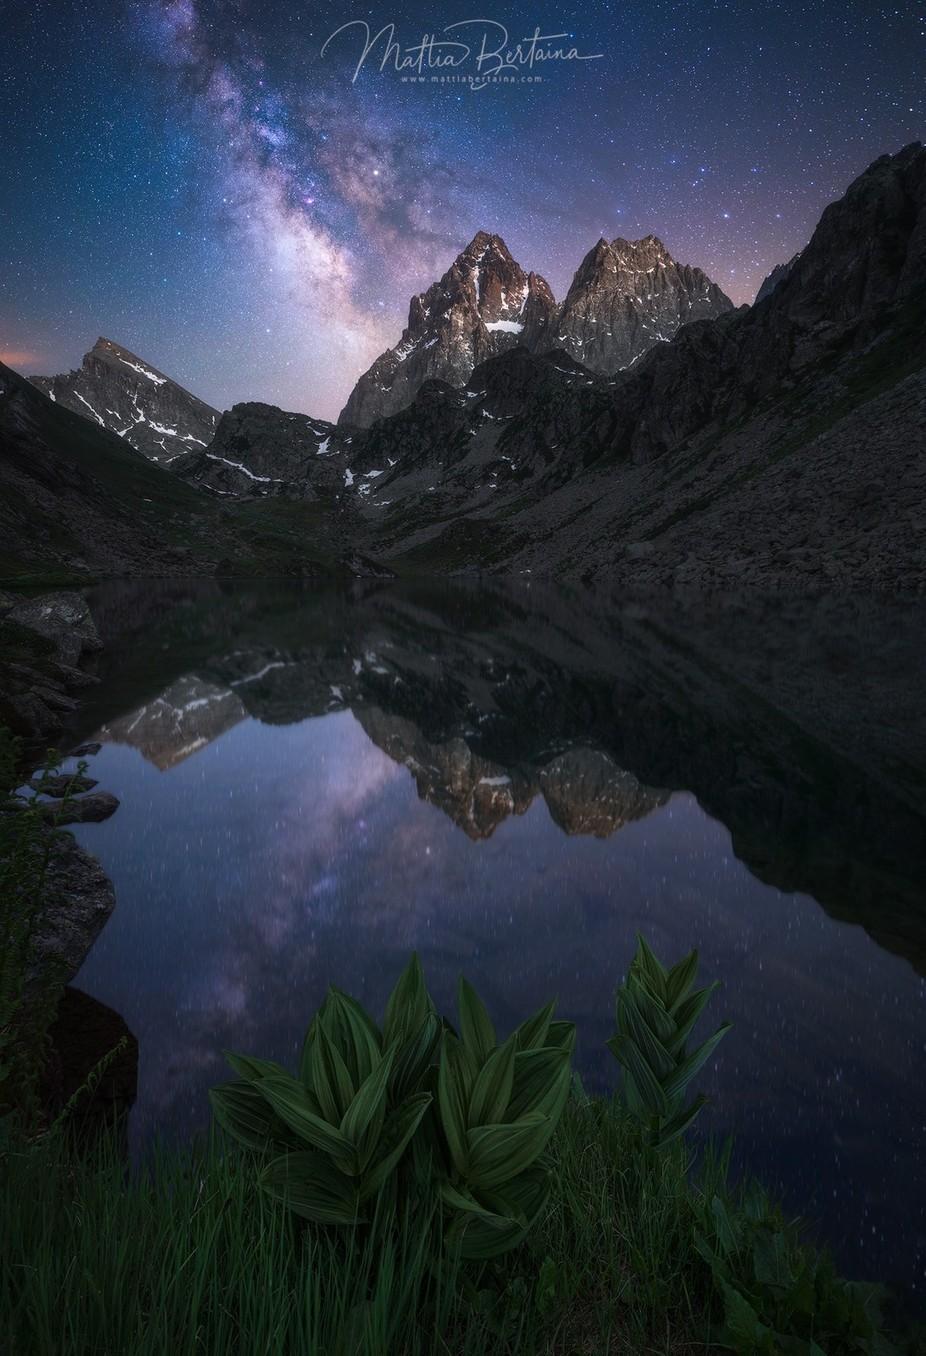 Monviso by night by Mattia_Bertaina - Spectacular Lakes Photo Contest